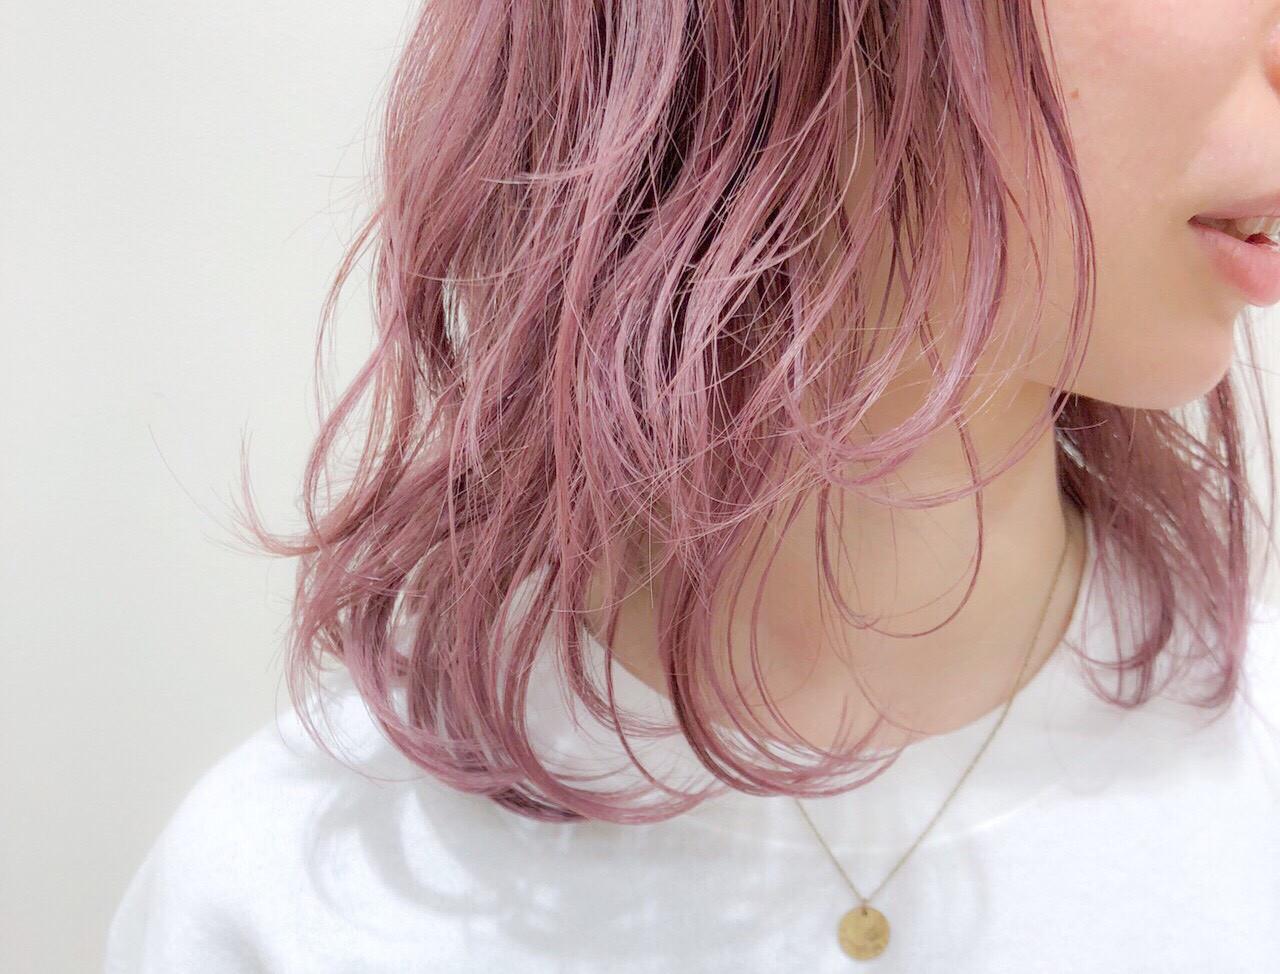 ブリーチ ミディアム 透明感 フェミニン ヘアスタイルや髪型の写真・画像 | 坪井佑樹 / モリオフロムロンドン